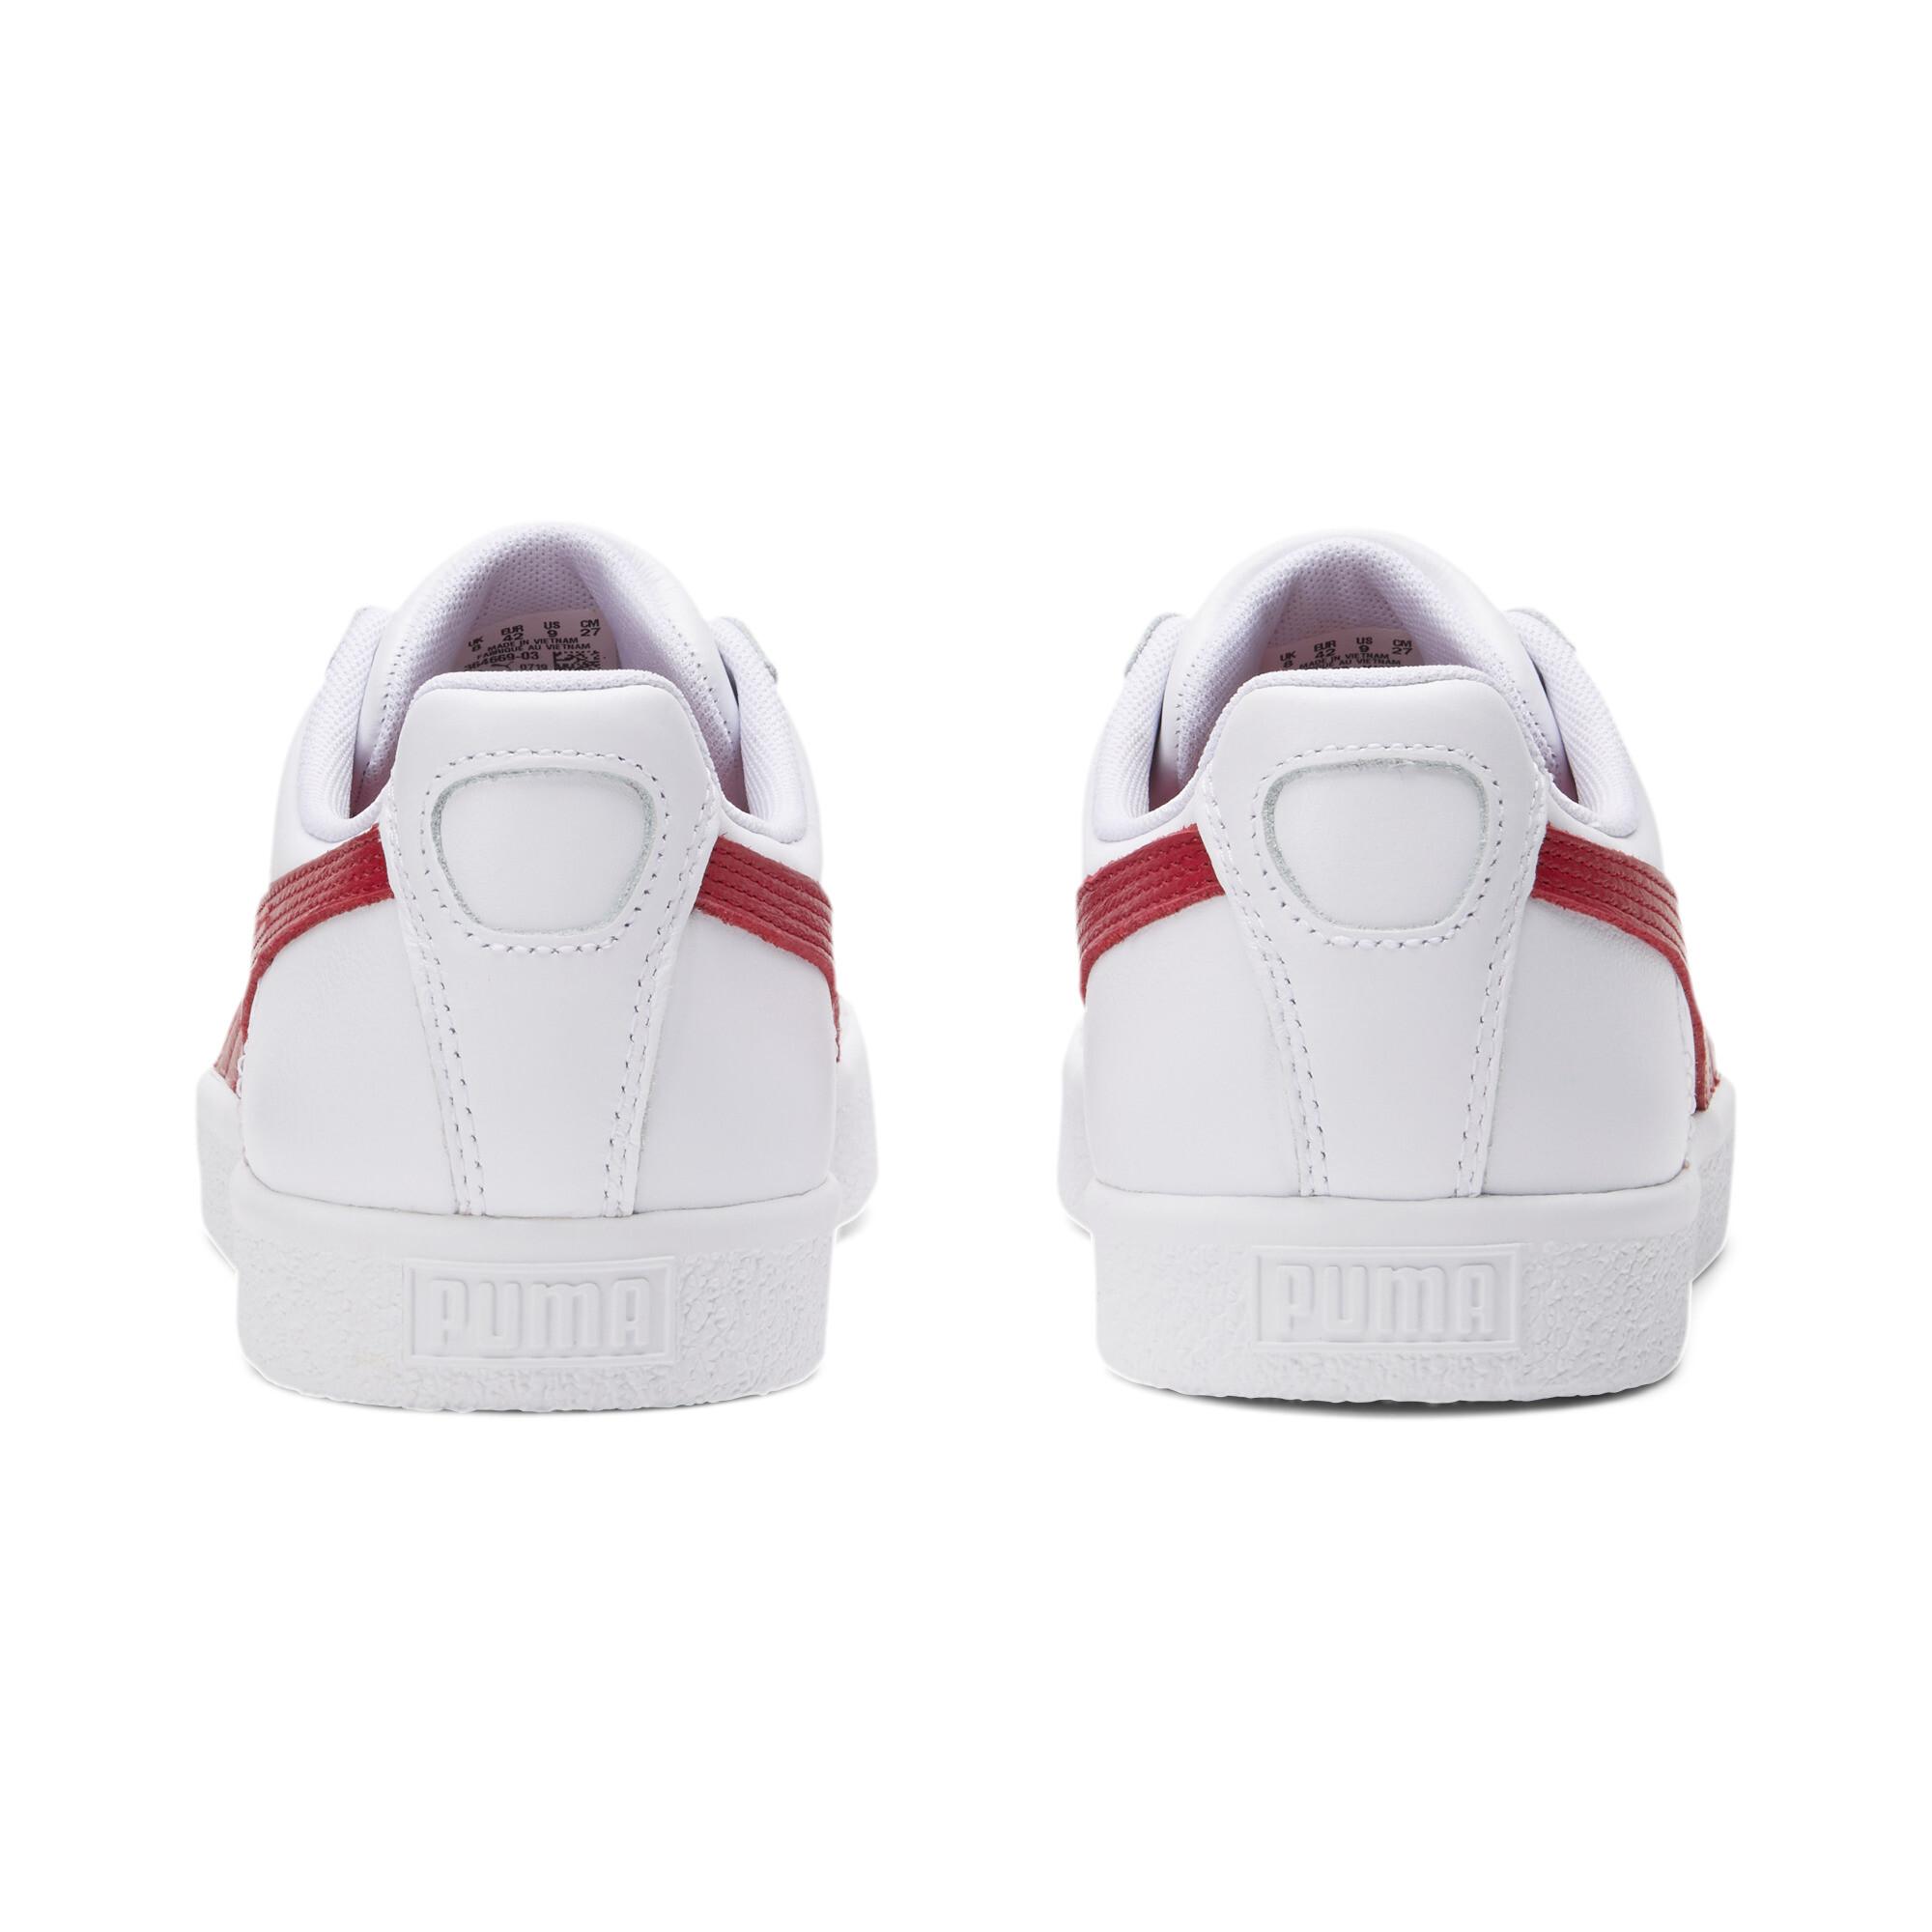 PUMA-Men-039-s-Clyde-Core-Foil-Sneakers thumbnail 8